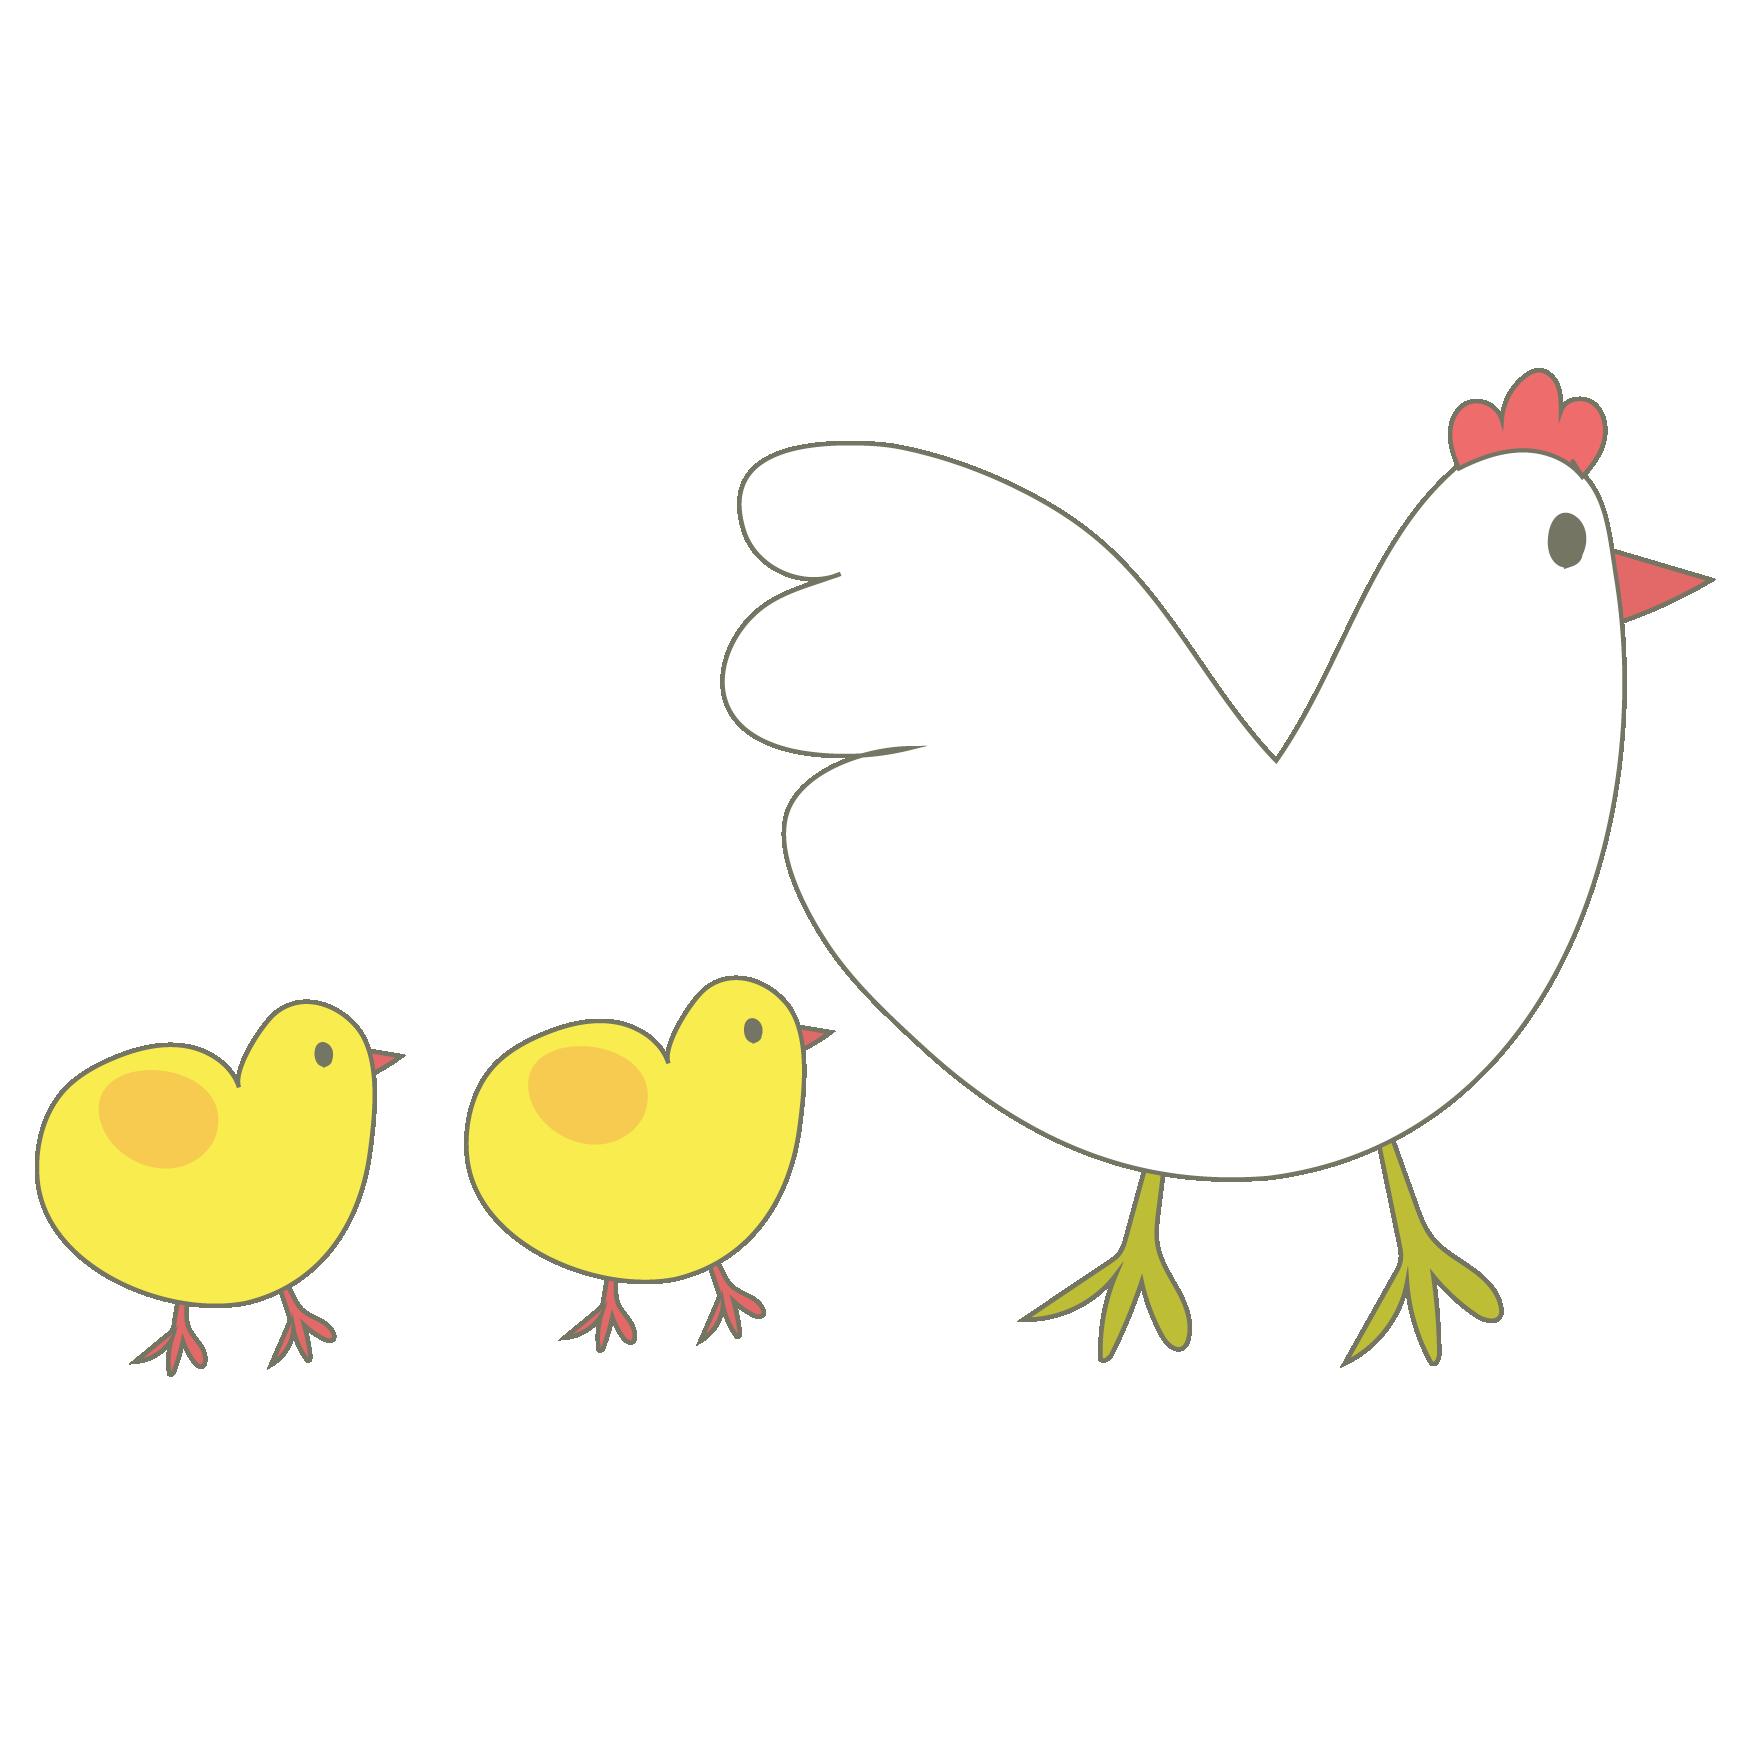 かわいい鶏とヒヨコの親子 イラスト 2017年酉年 商用フリー無料の